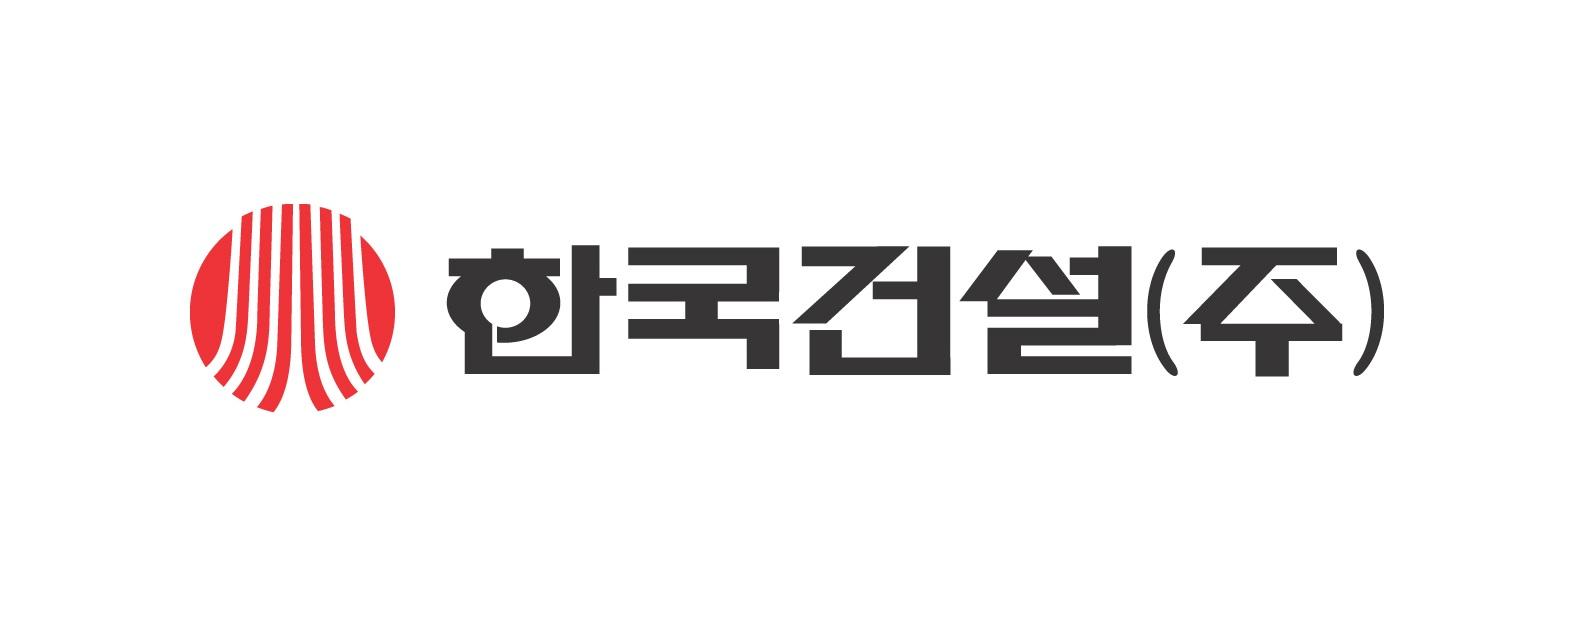 한국건설(주)